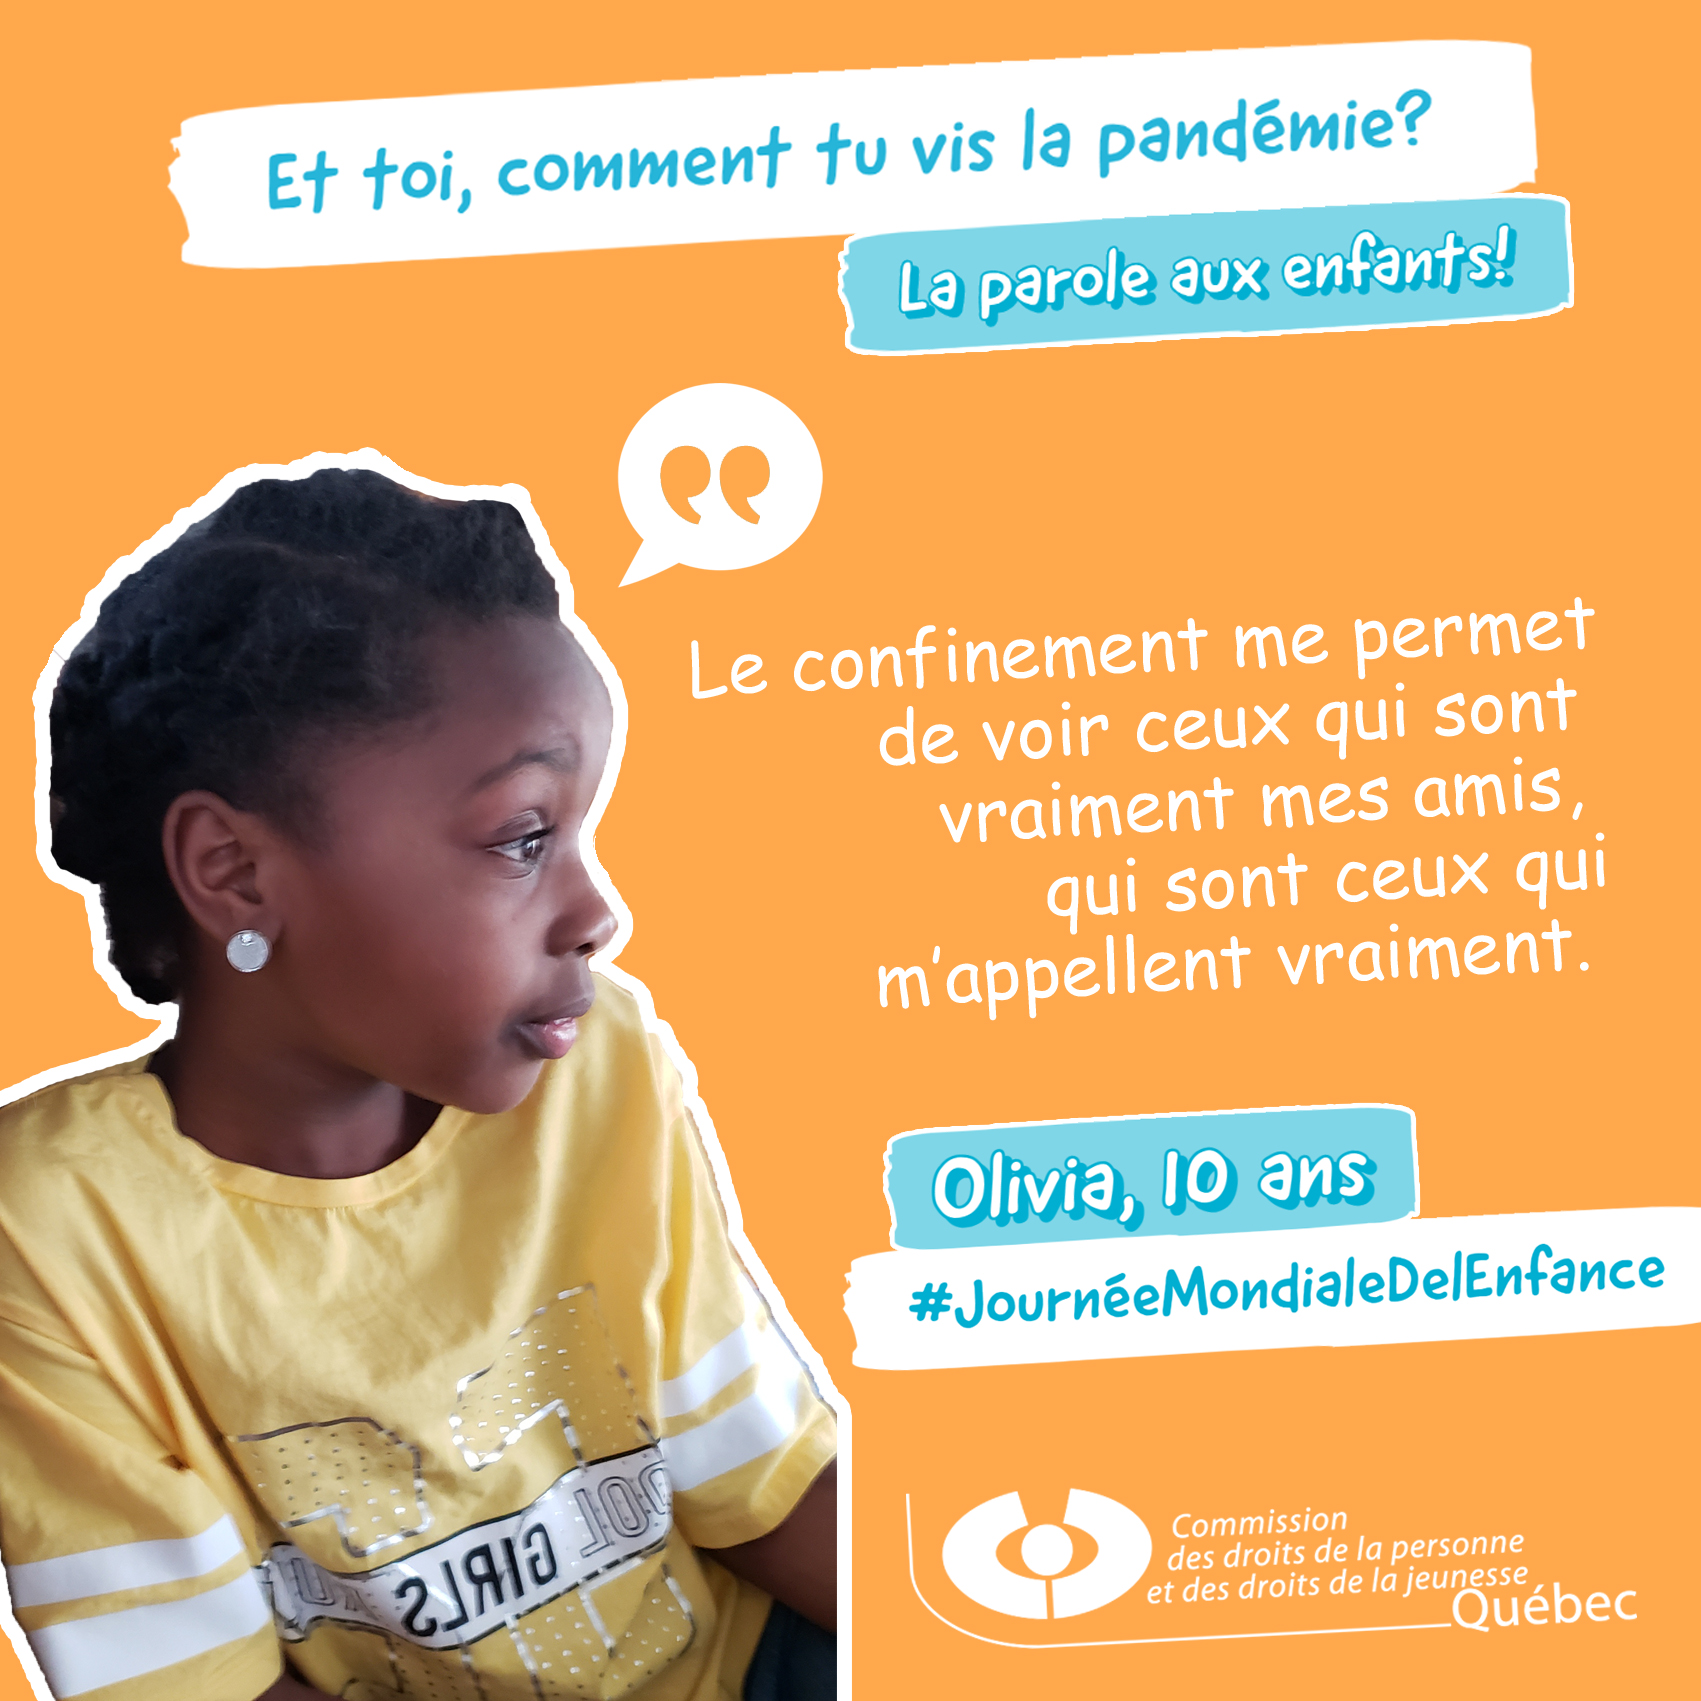 Photo et citation d'Olivia qui répond à la question Et toi, comment tu vis la pandémie?